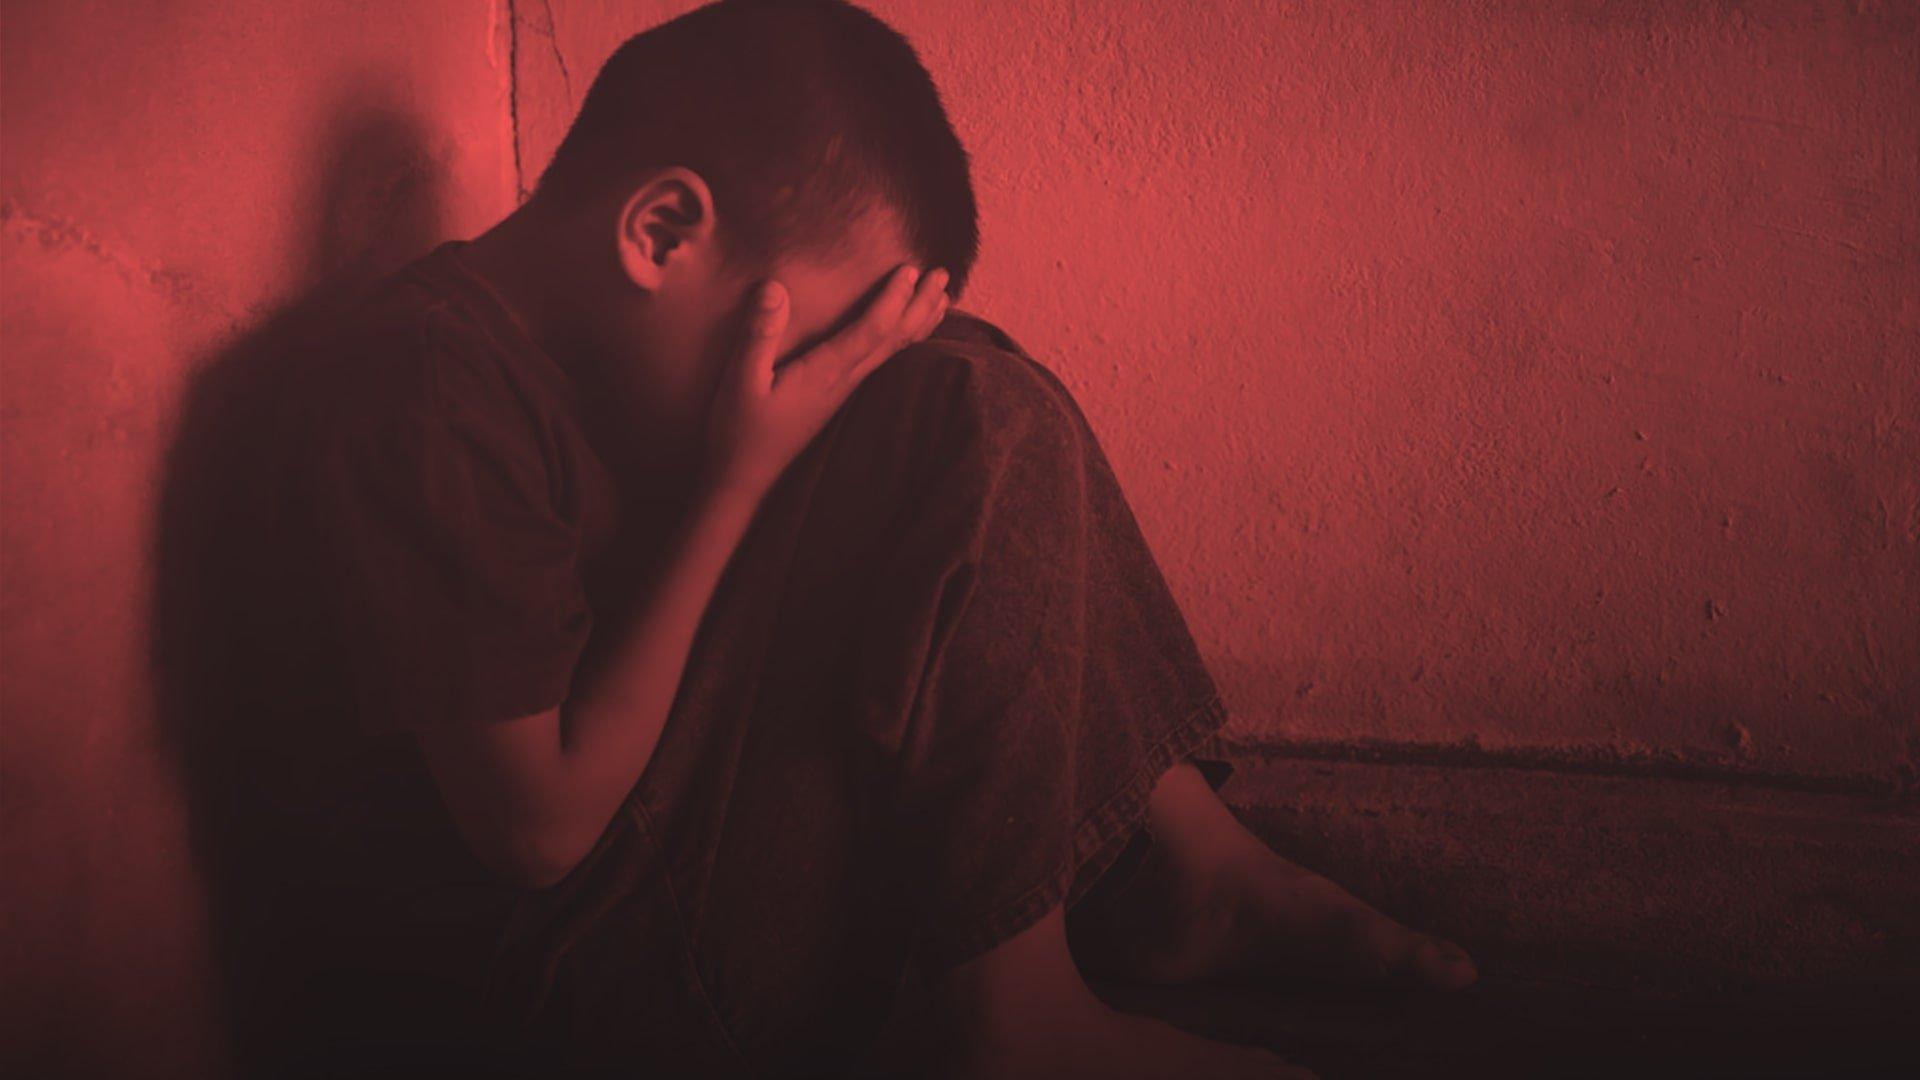 Erkek Çocukların Uğradığı Taciz ve Tecavüz Vakalarındaki Artış